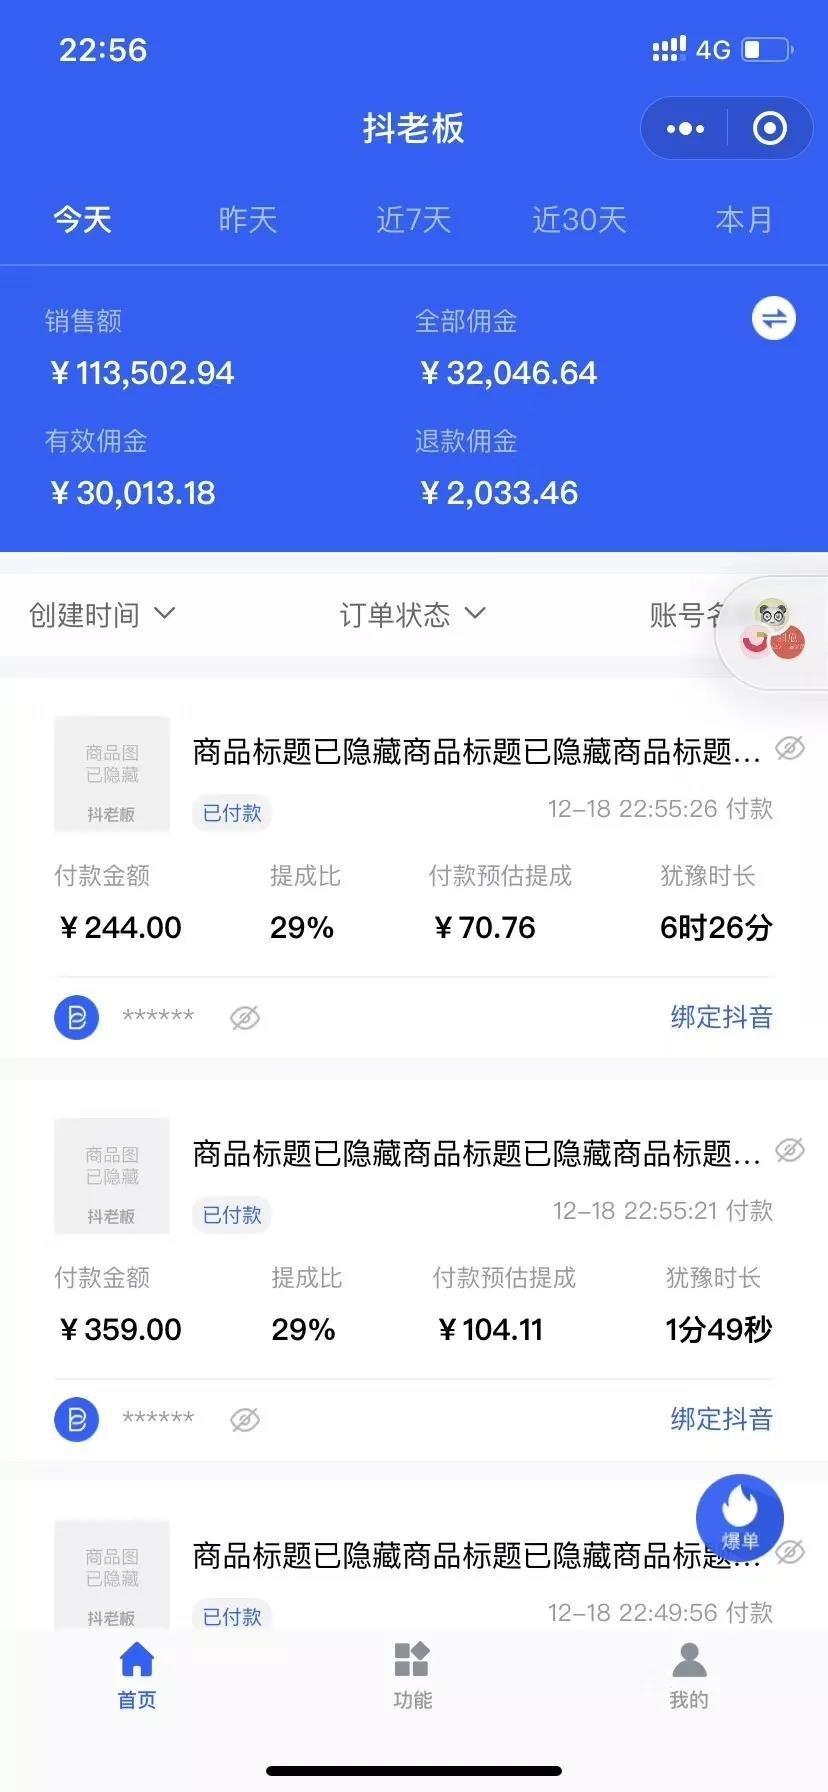 实战抖音,一天利润2000-4000佣金收入